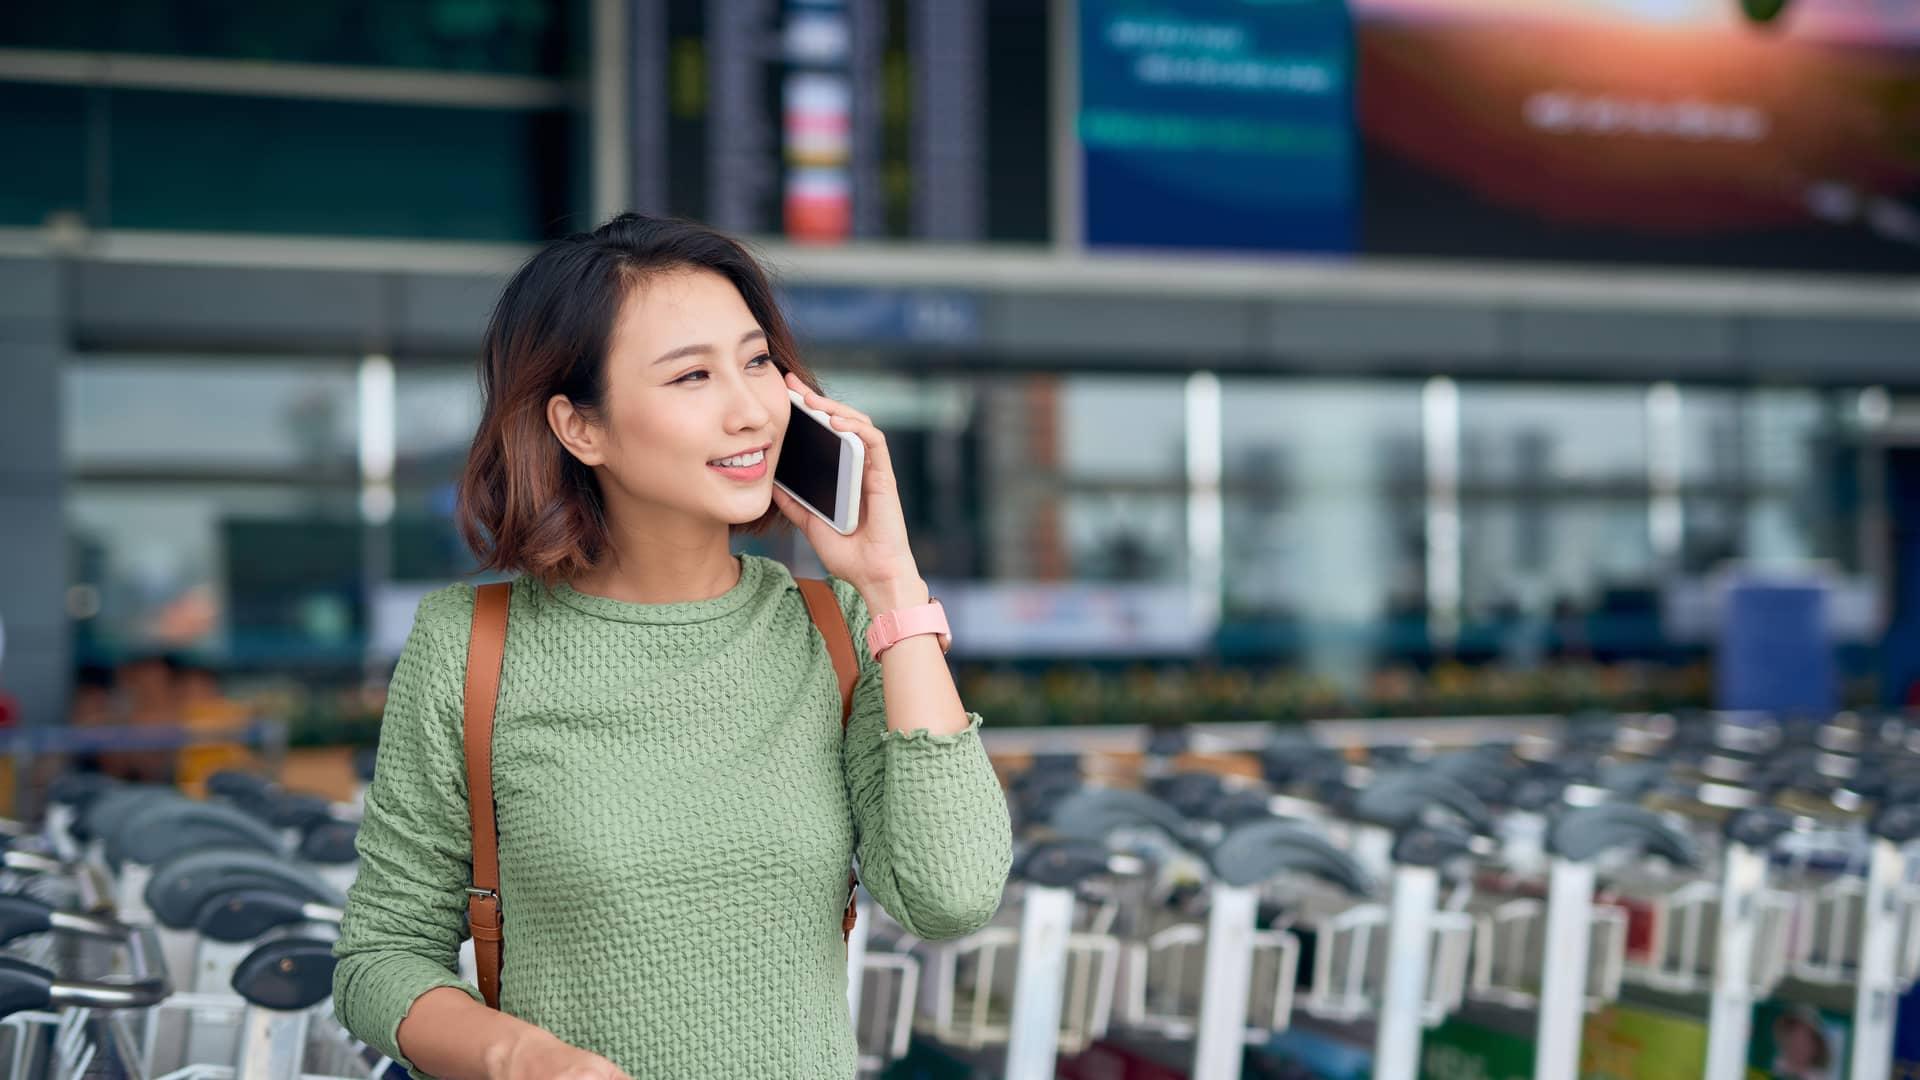 Llamadas internacionales para hablar con el extranjero   Octubre 2021